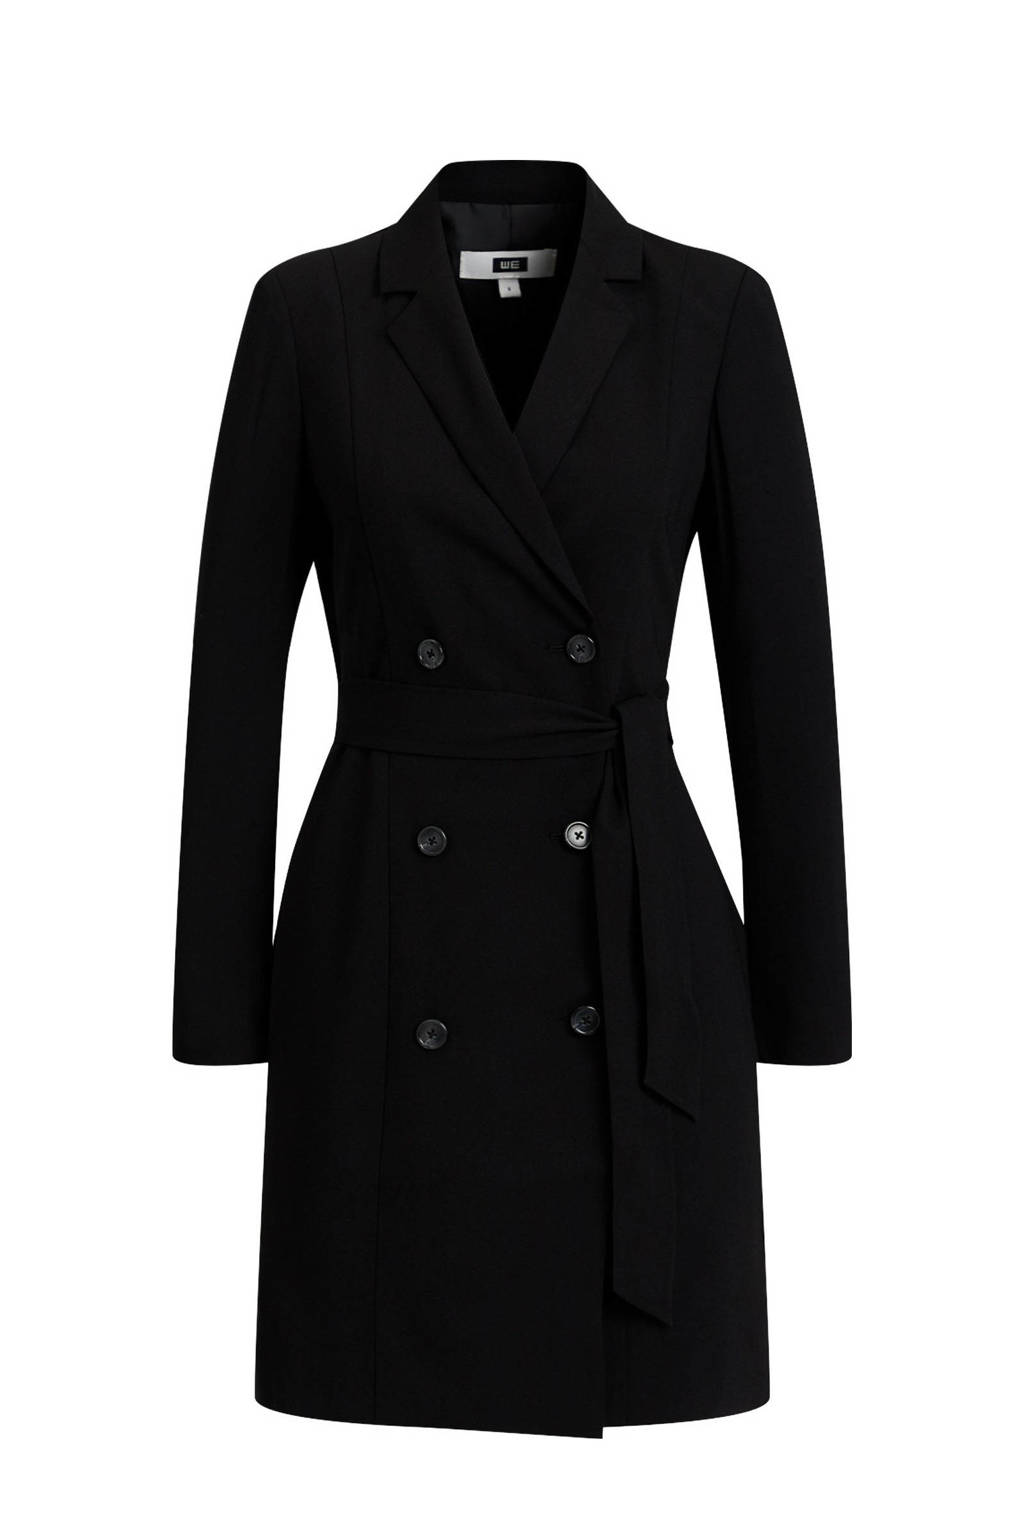 WE Fashion coat black uni, Black Uni